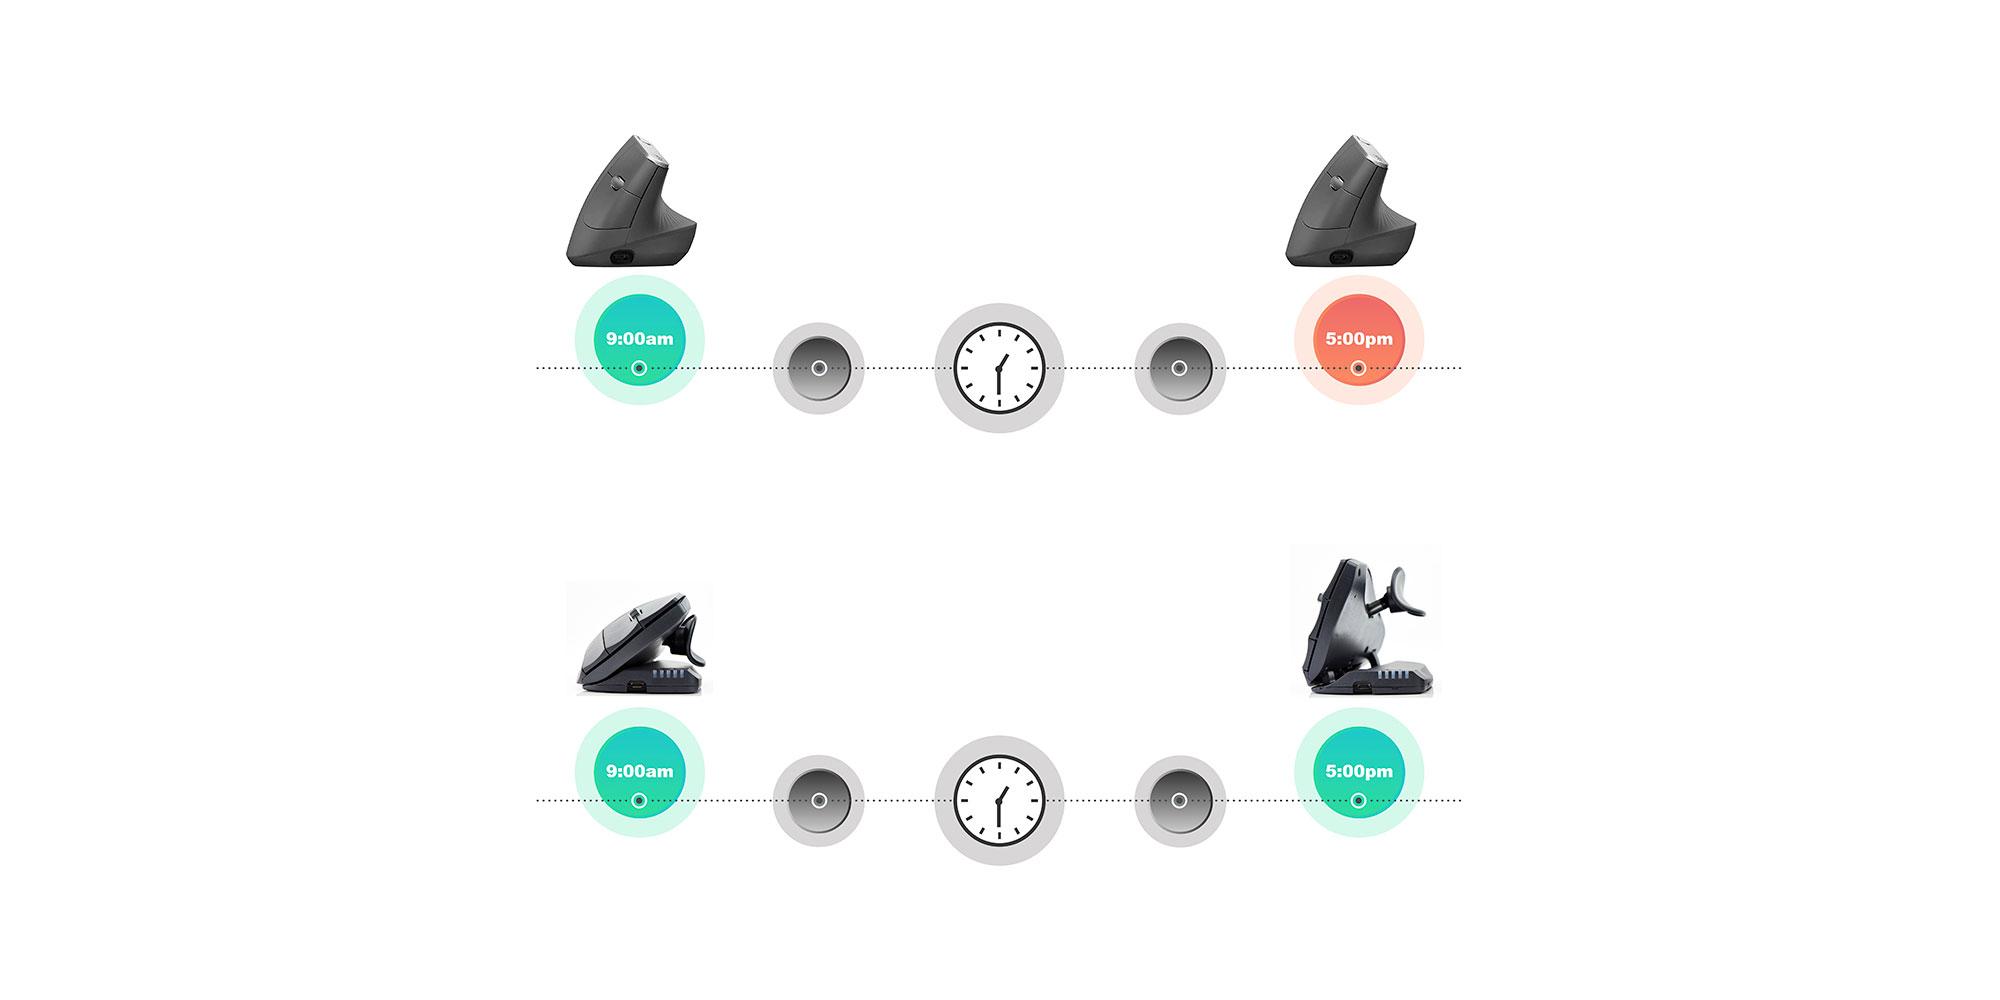 Die vertikale Maus: Statisch oder flexibel?